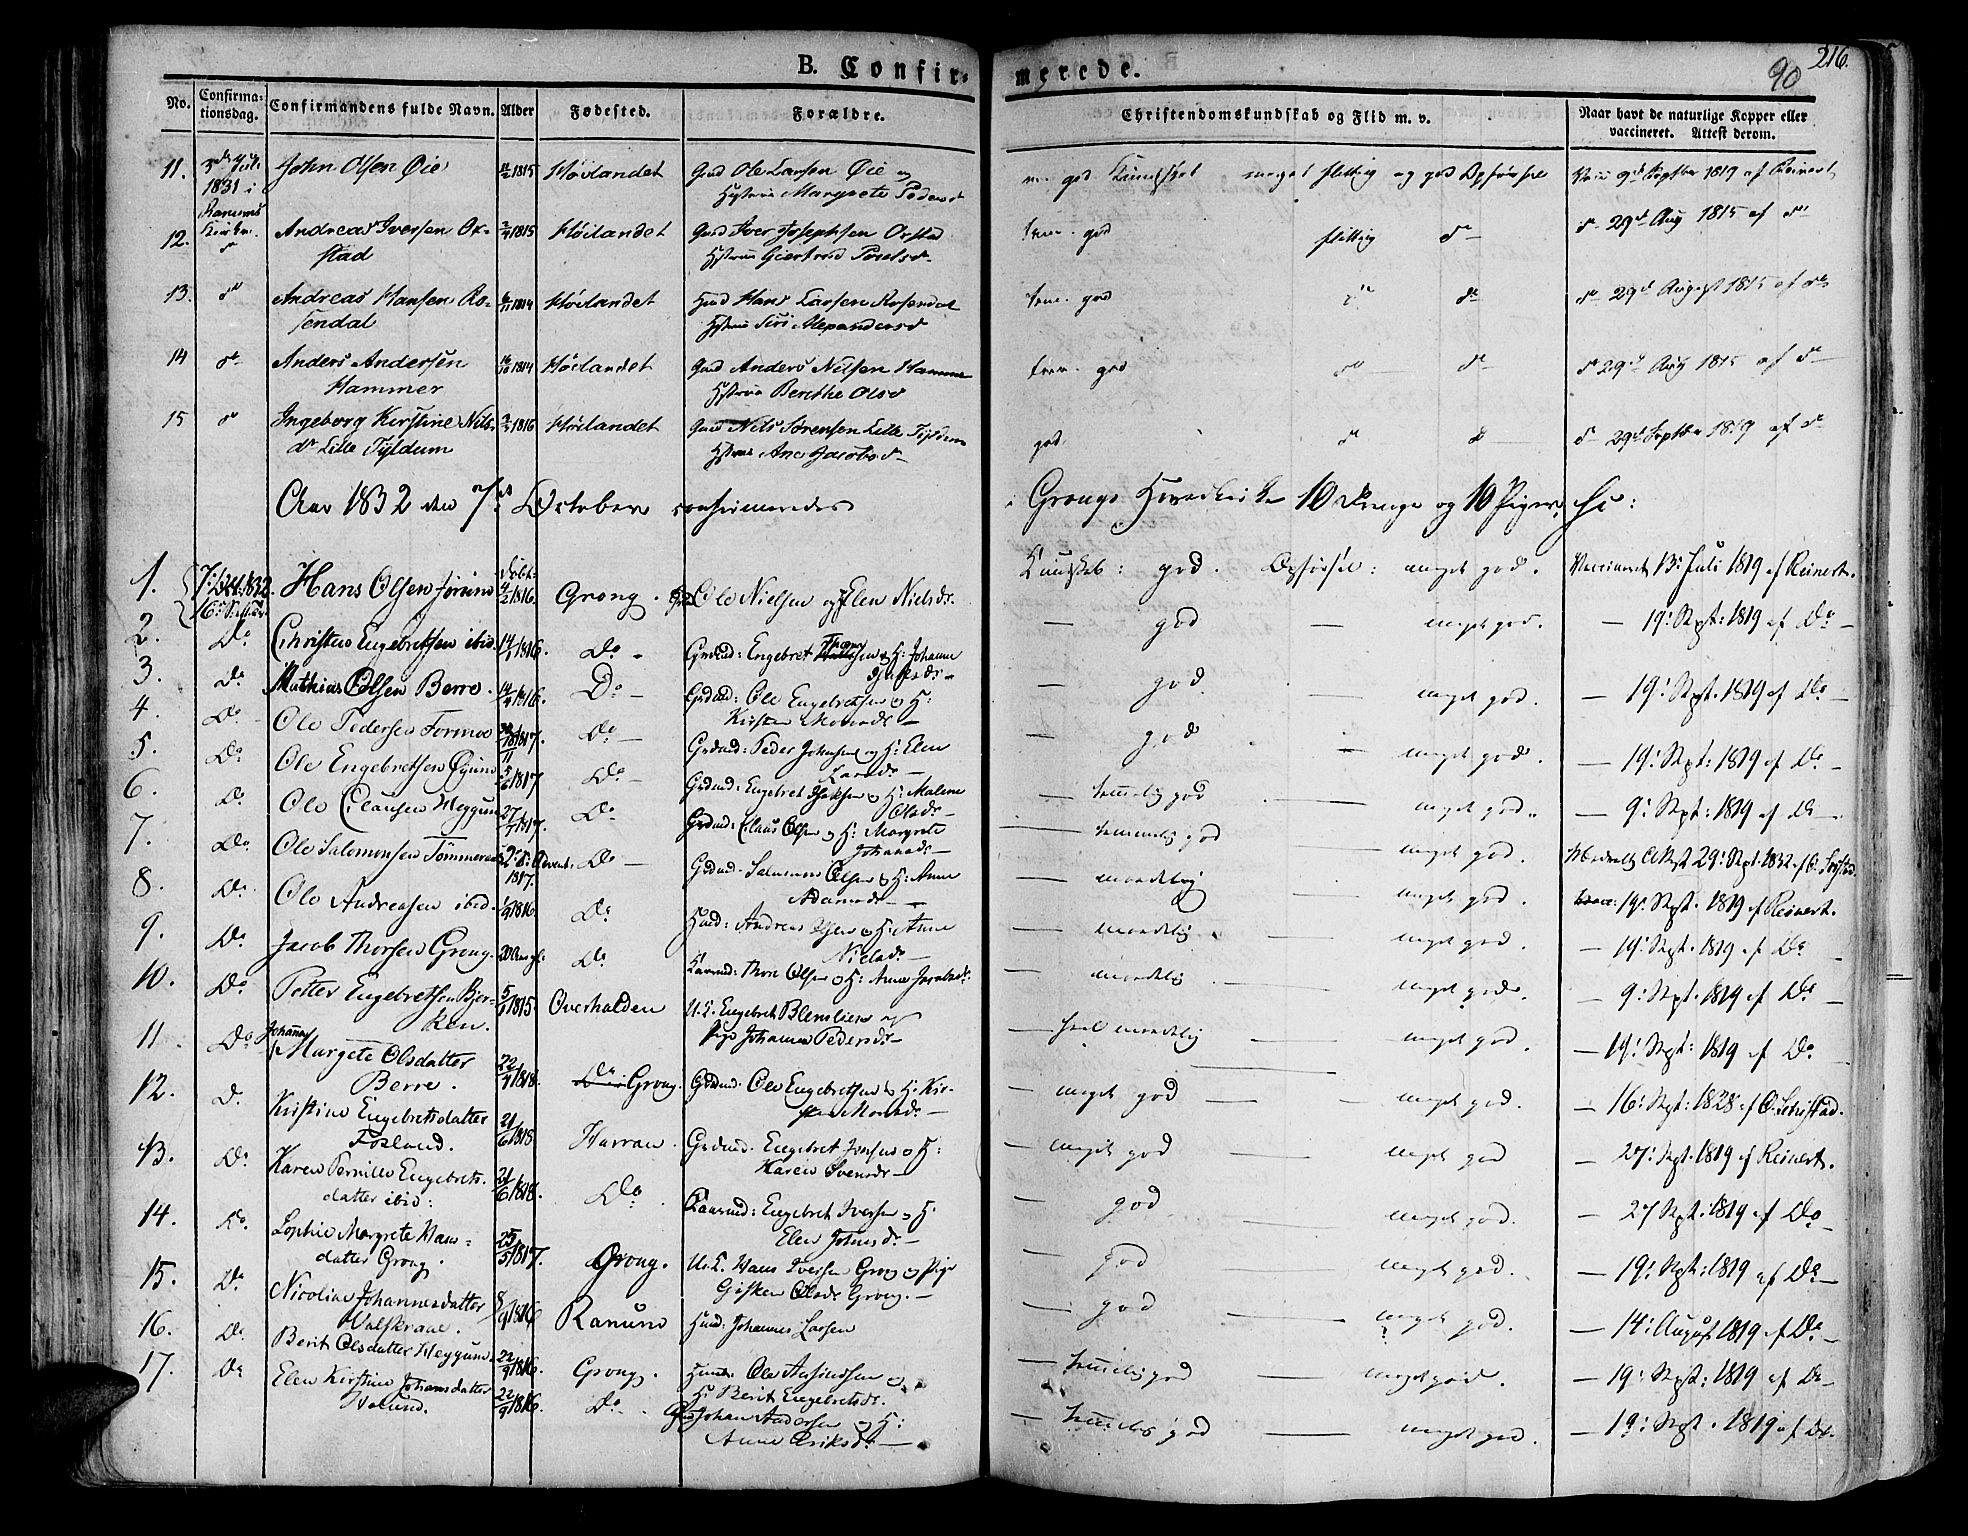 SAT, Ministerialprotokoller, klokkerbøker og fødselsregistre - Nord-Trøndelag, 758/L0510: Ministerialbok nr. 758A01 /1, 1821-1841, s. 90